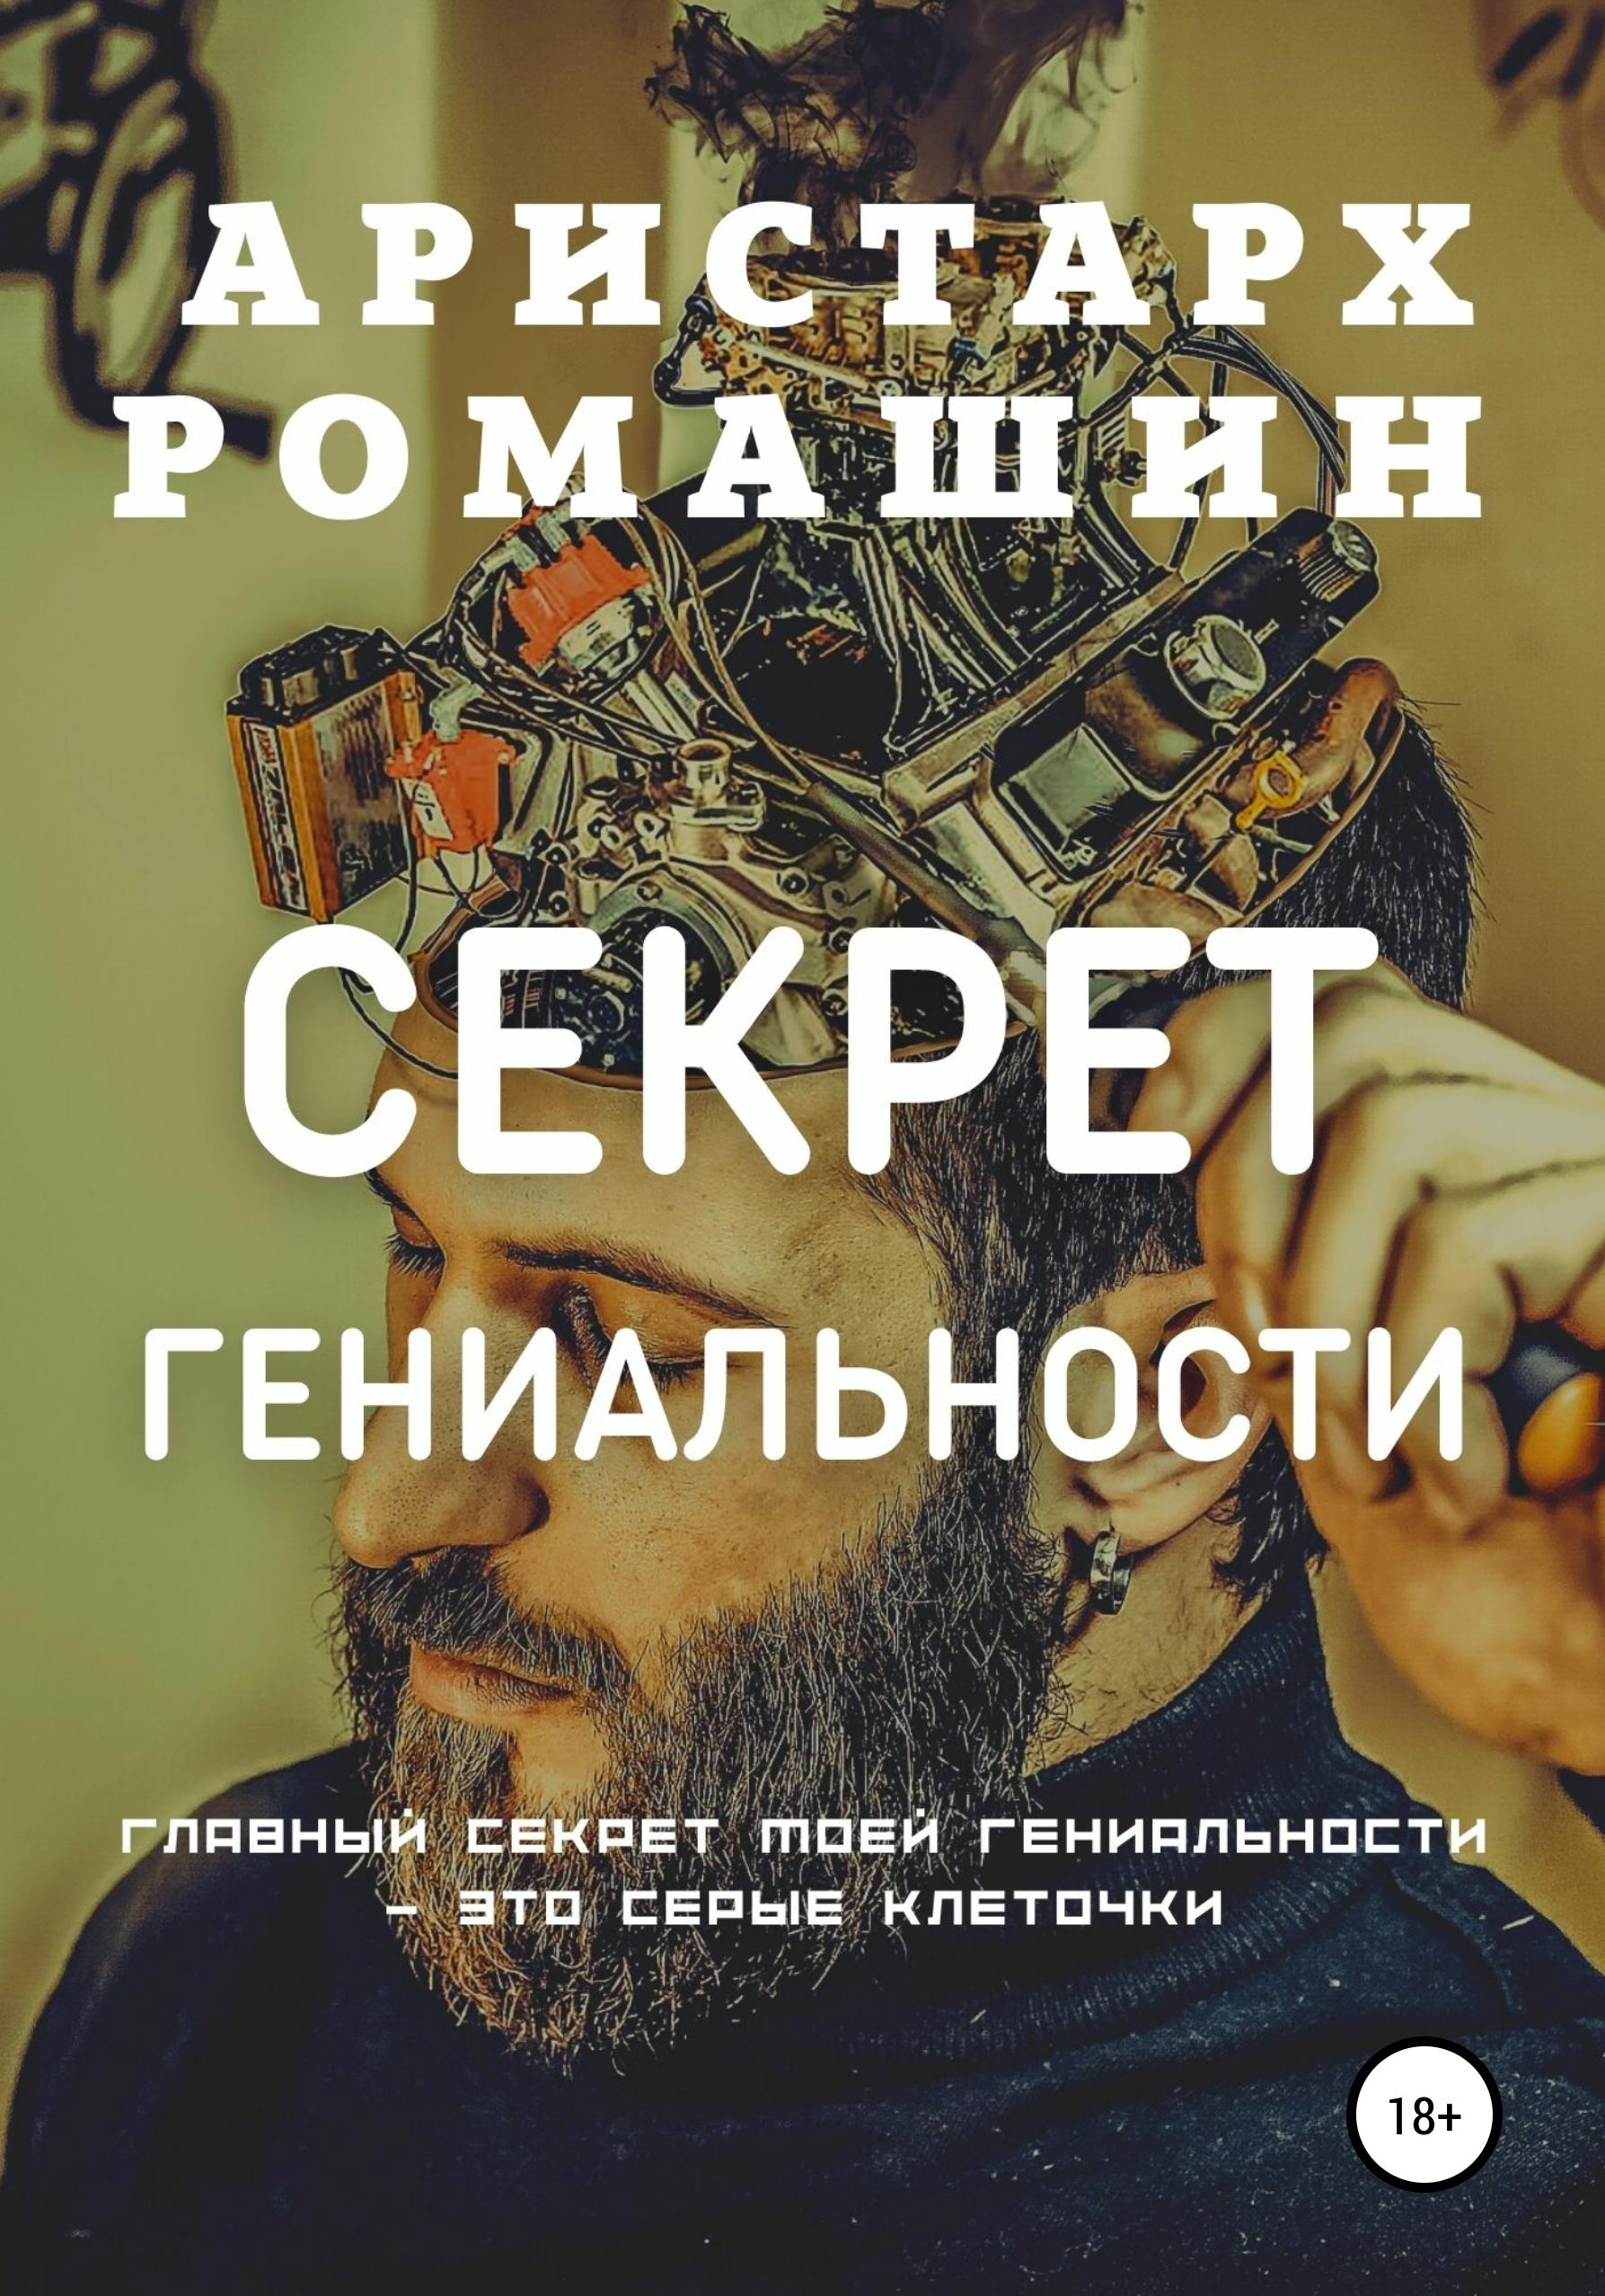 Аристарх Ромашин Секрет гениальности м аллен ошо джон альгео ширли николсон секреты мышления великий секрет величайший секрет комплект из 3 книг